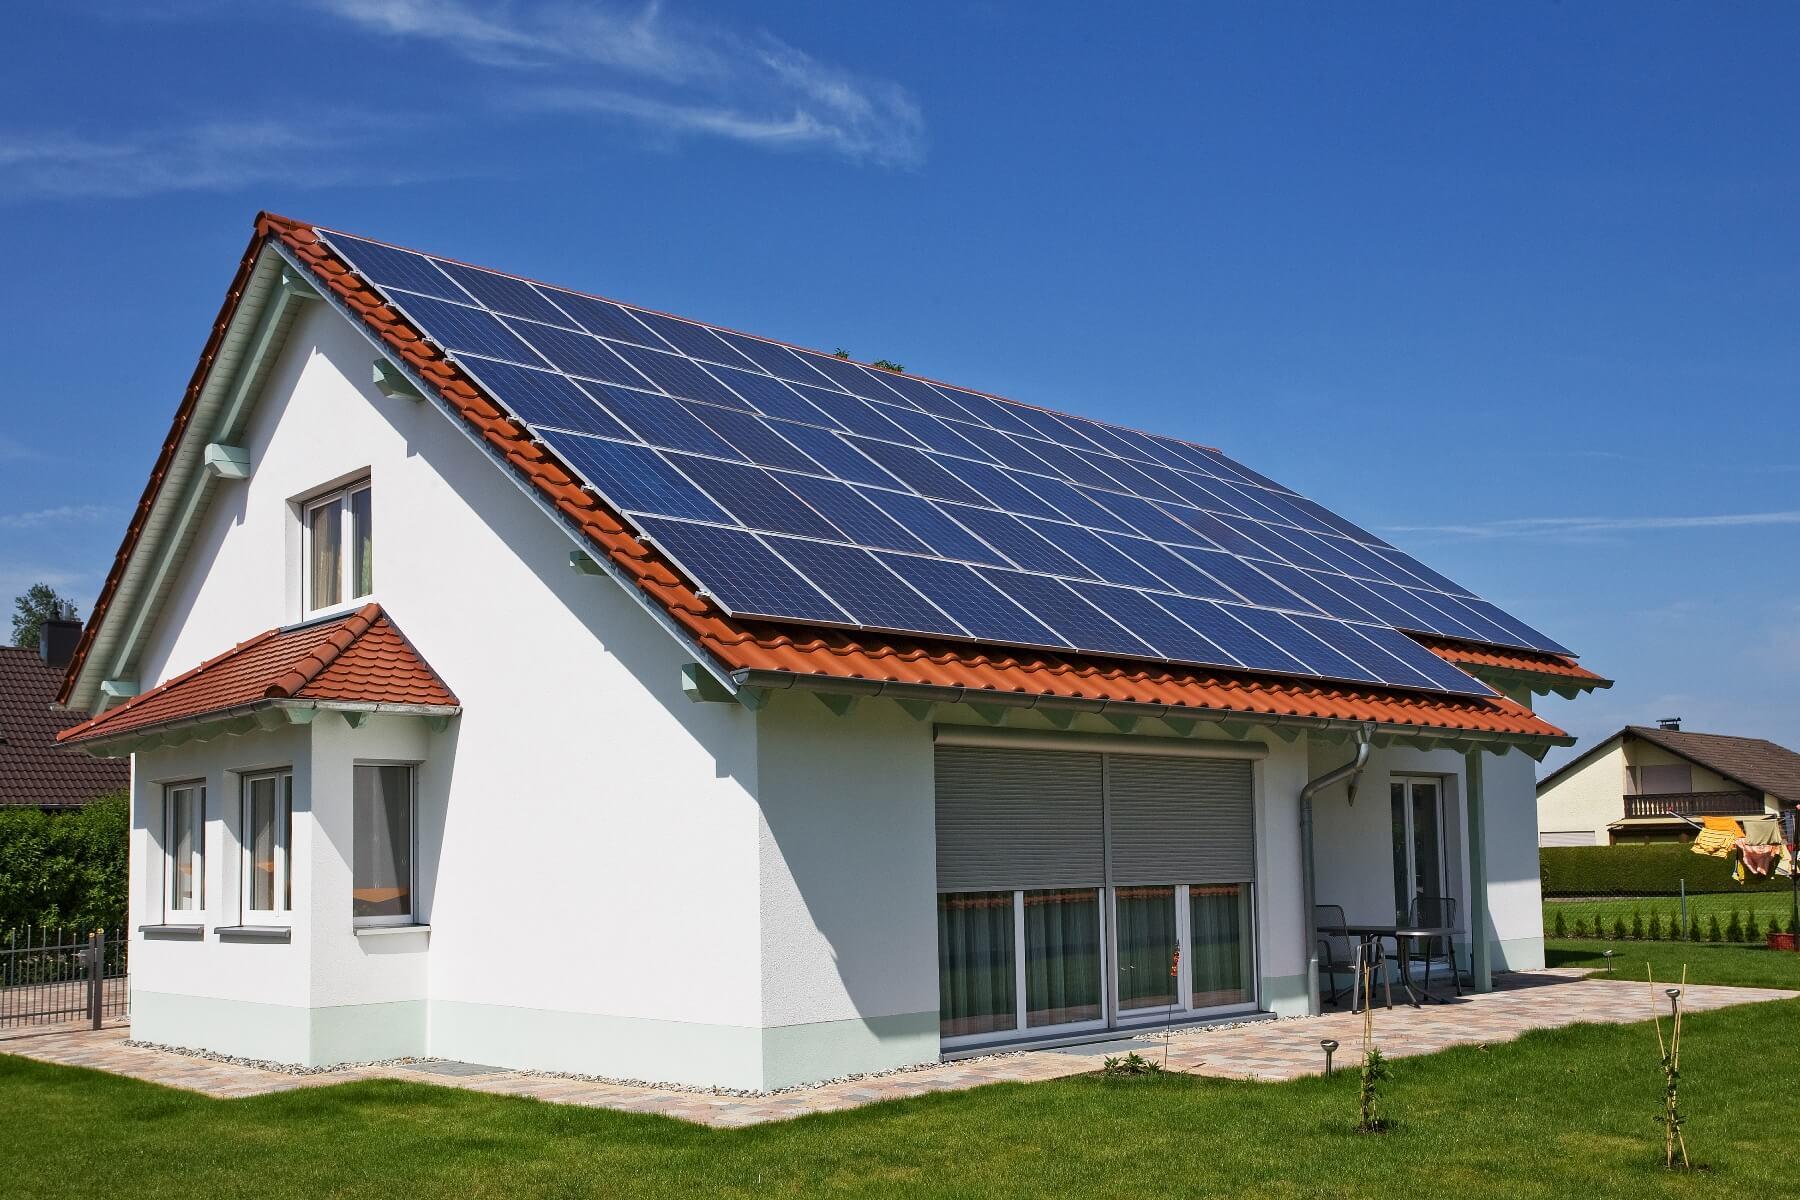 Furnizarea de energie alternativă în gospodării familiale